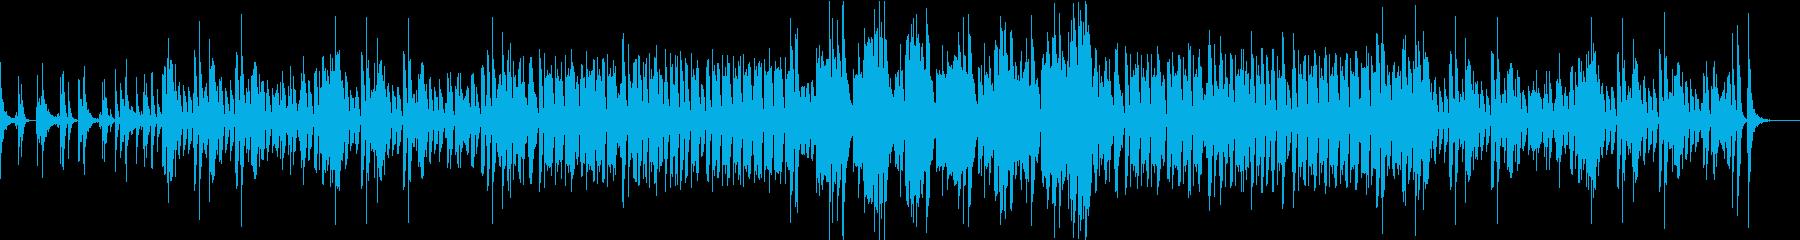 コミカルで幻想的な和風BGMの再生済みの波形